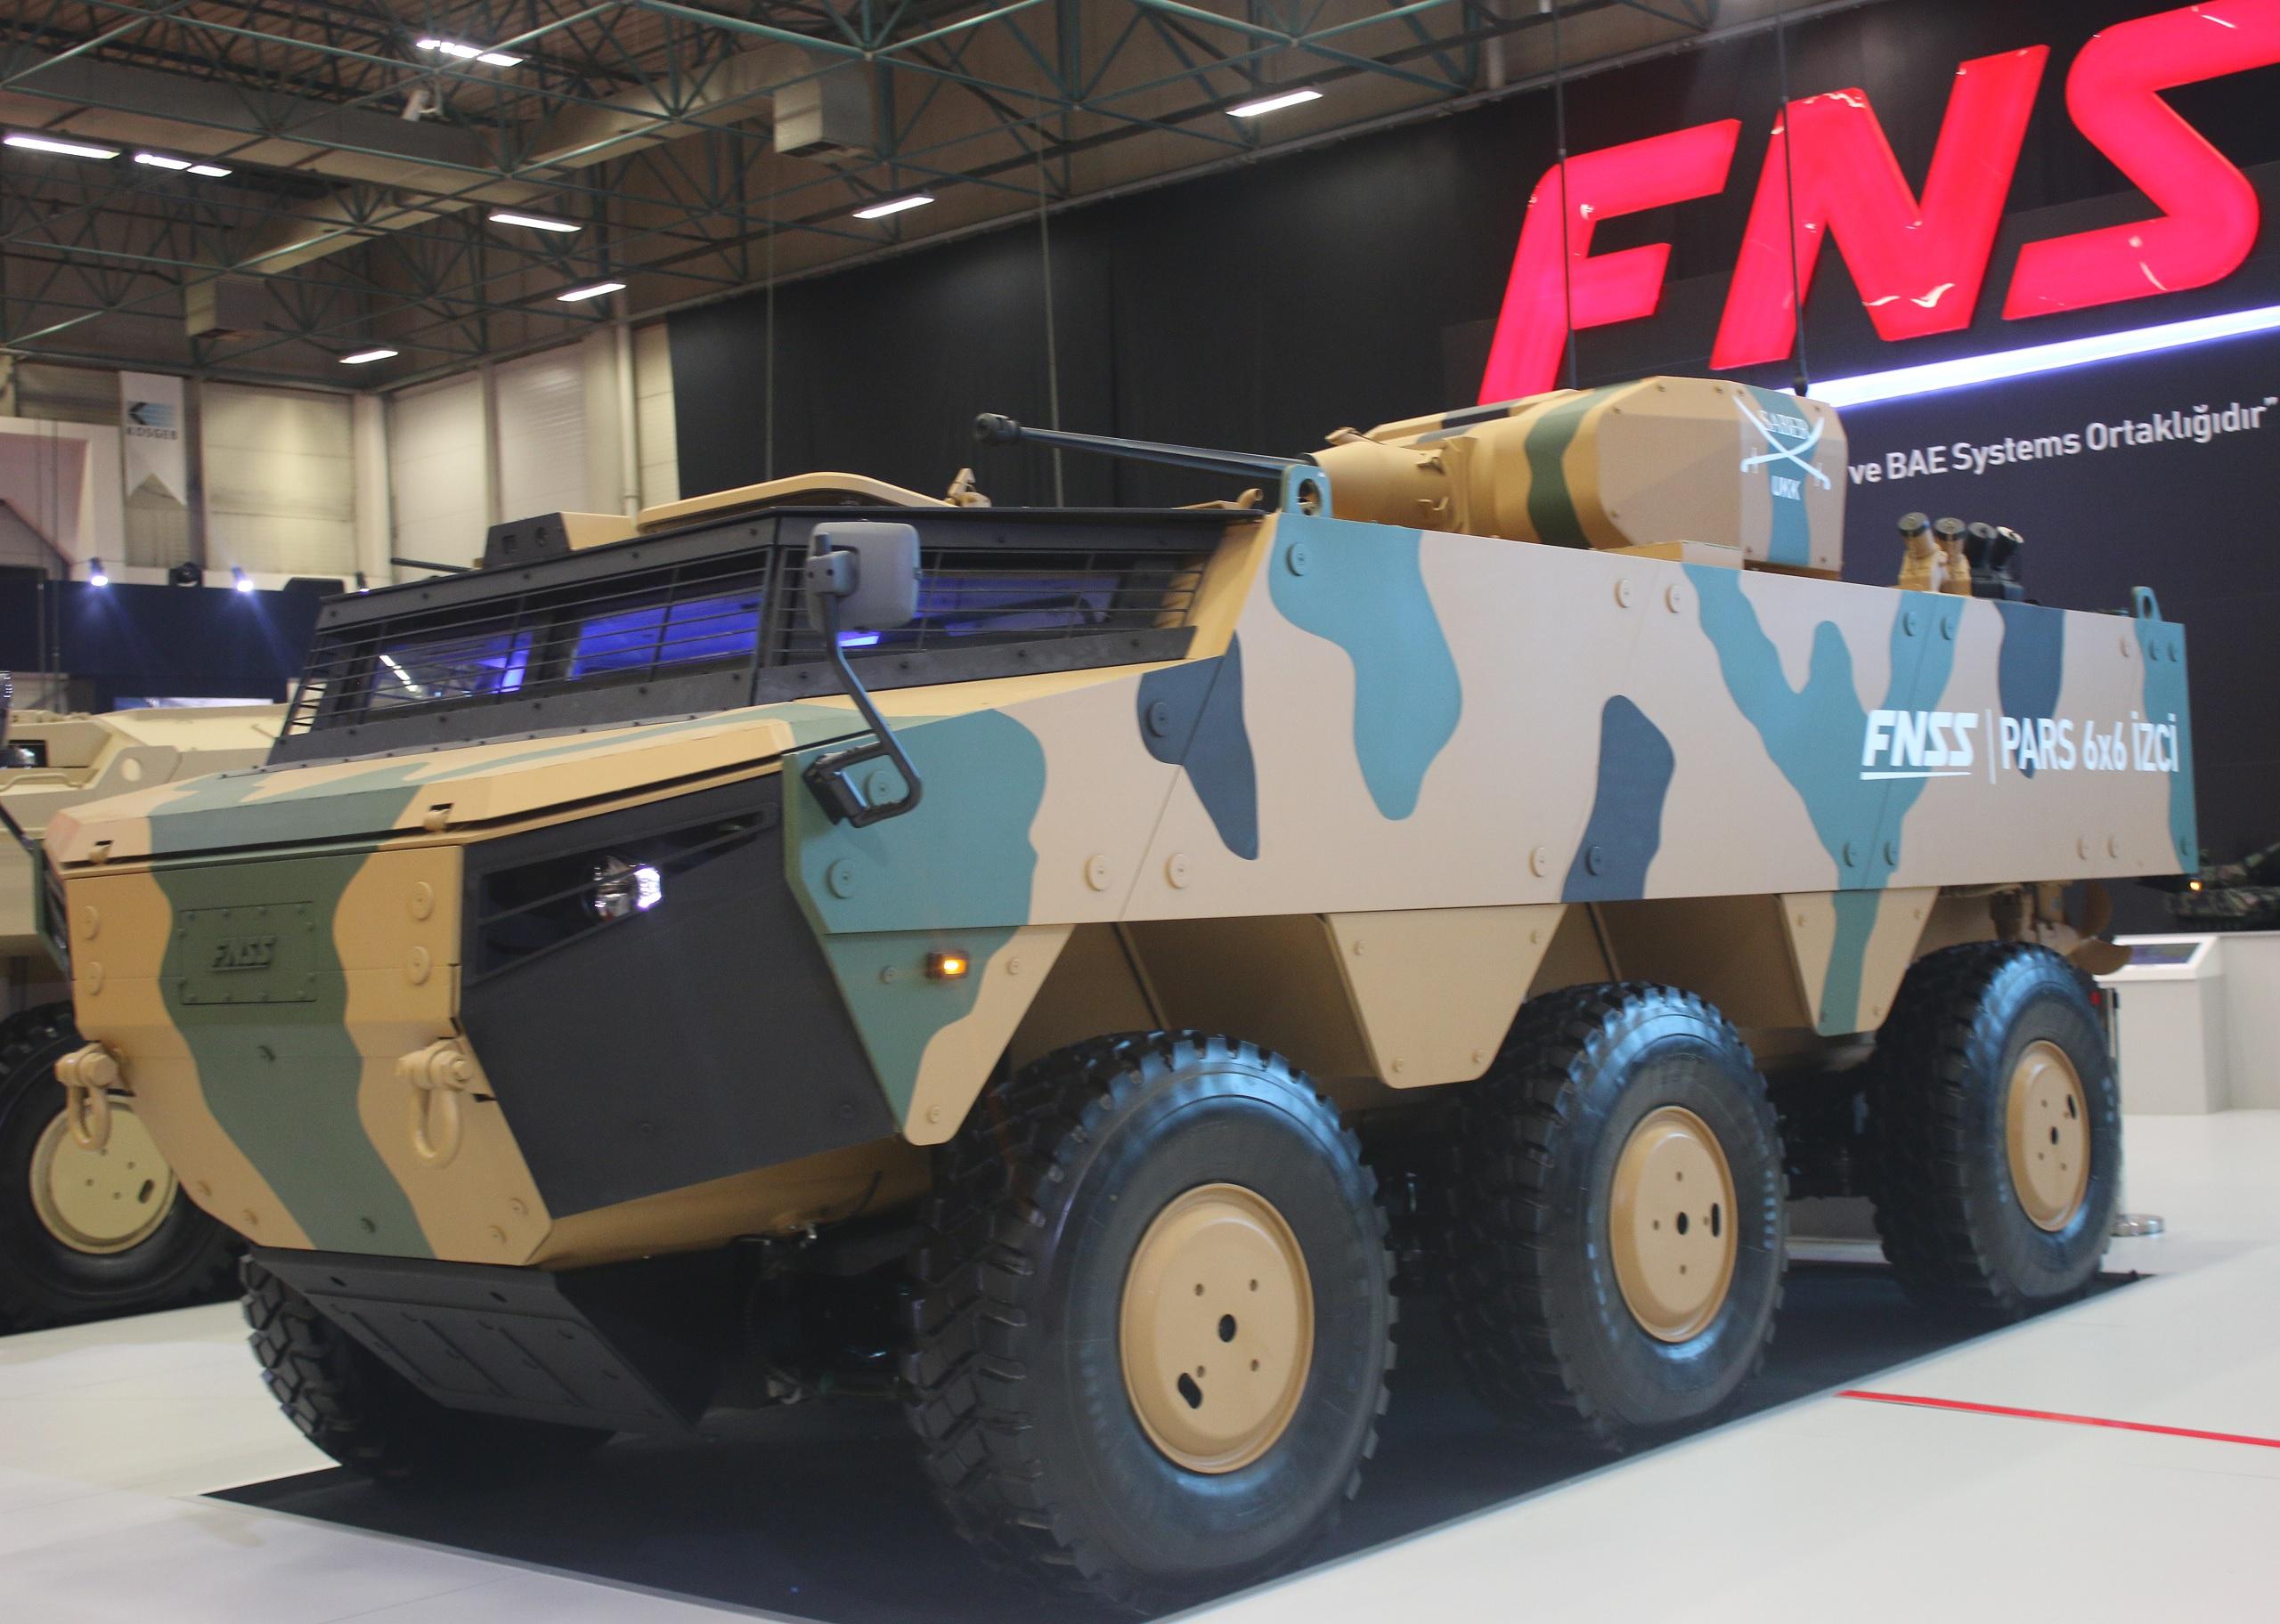 Вооруженные силы Турции приобретают 100 бронированных машин PARS в разведывательном варианте